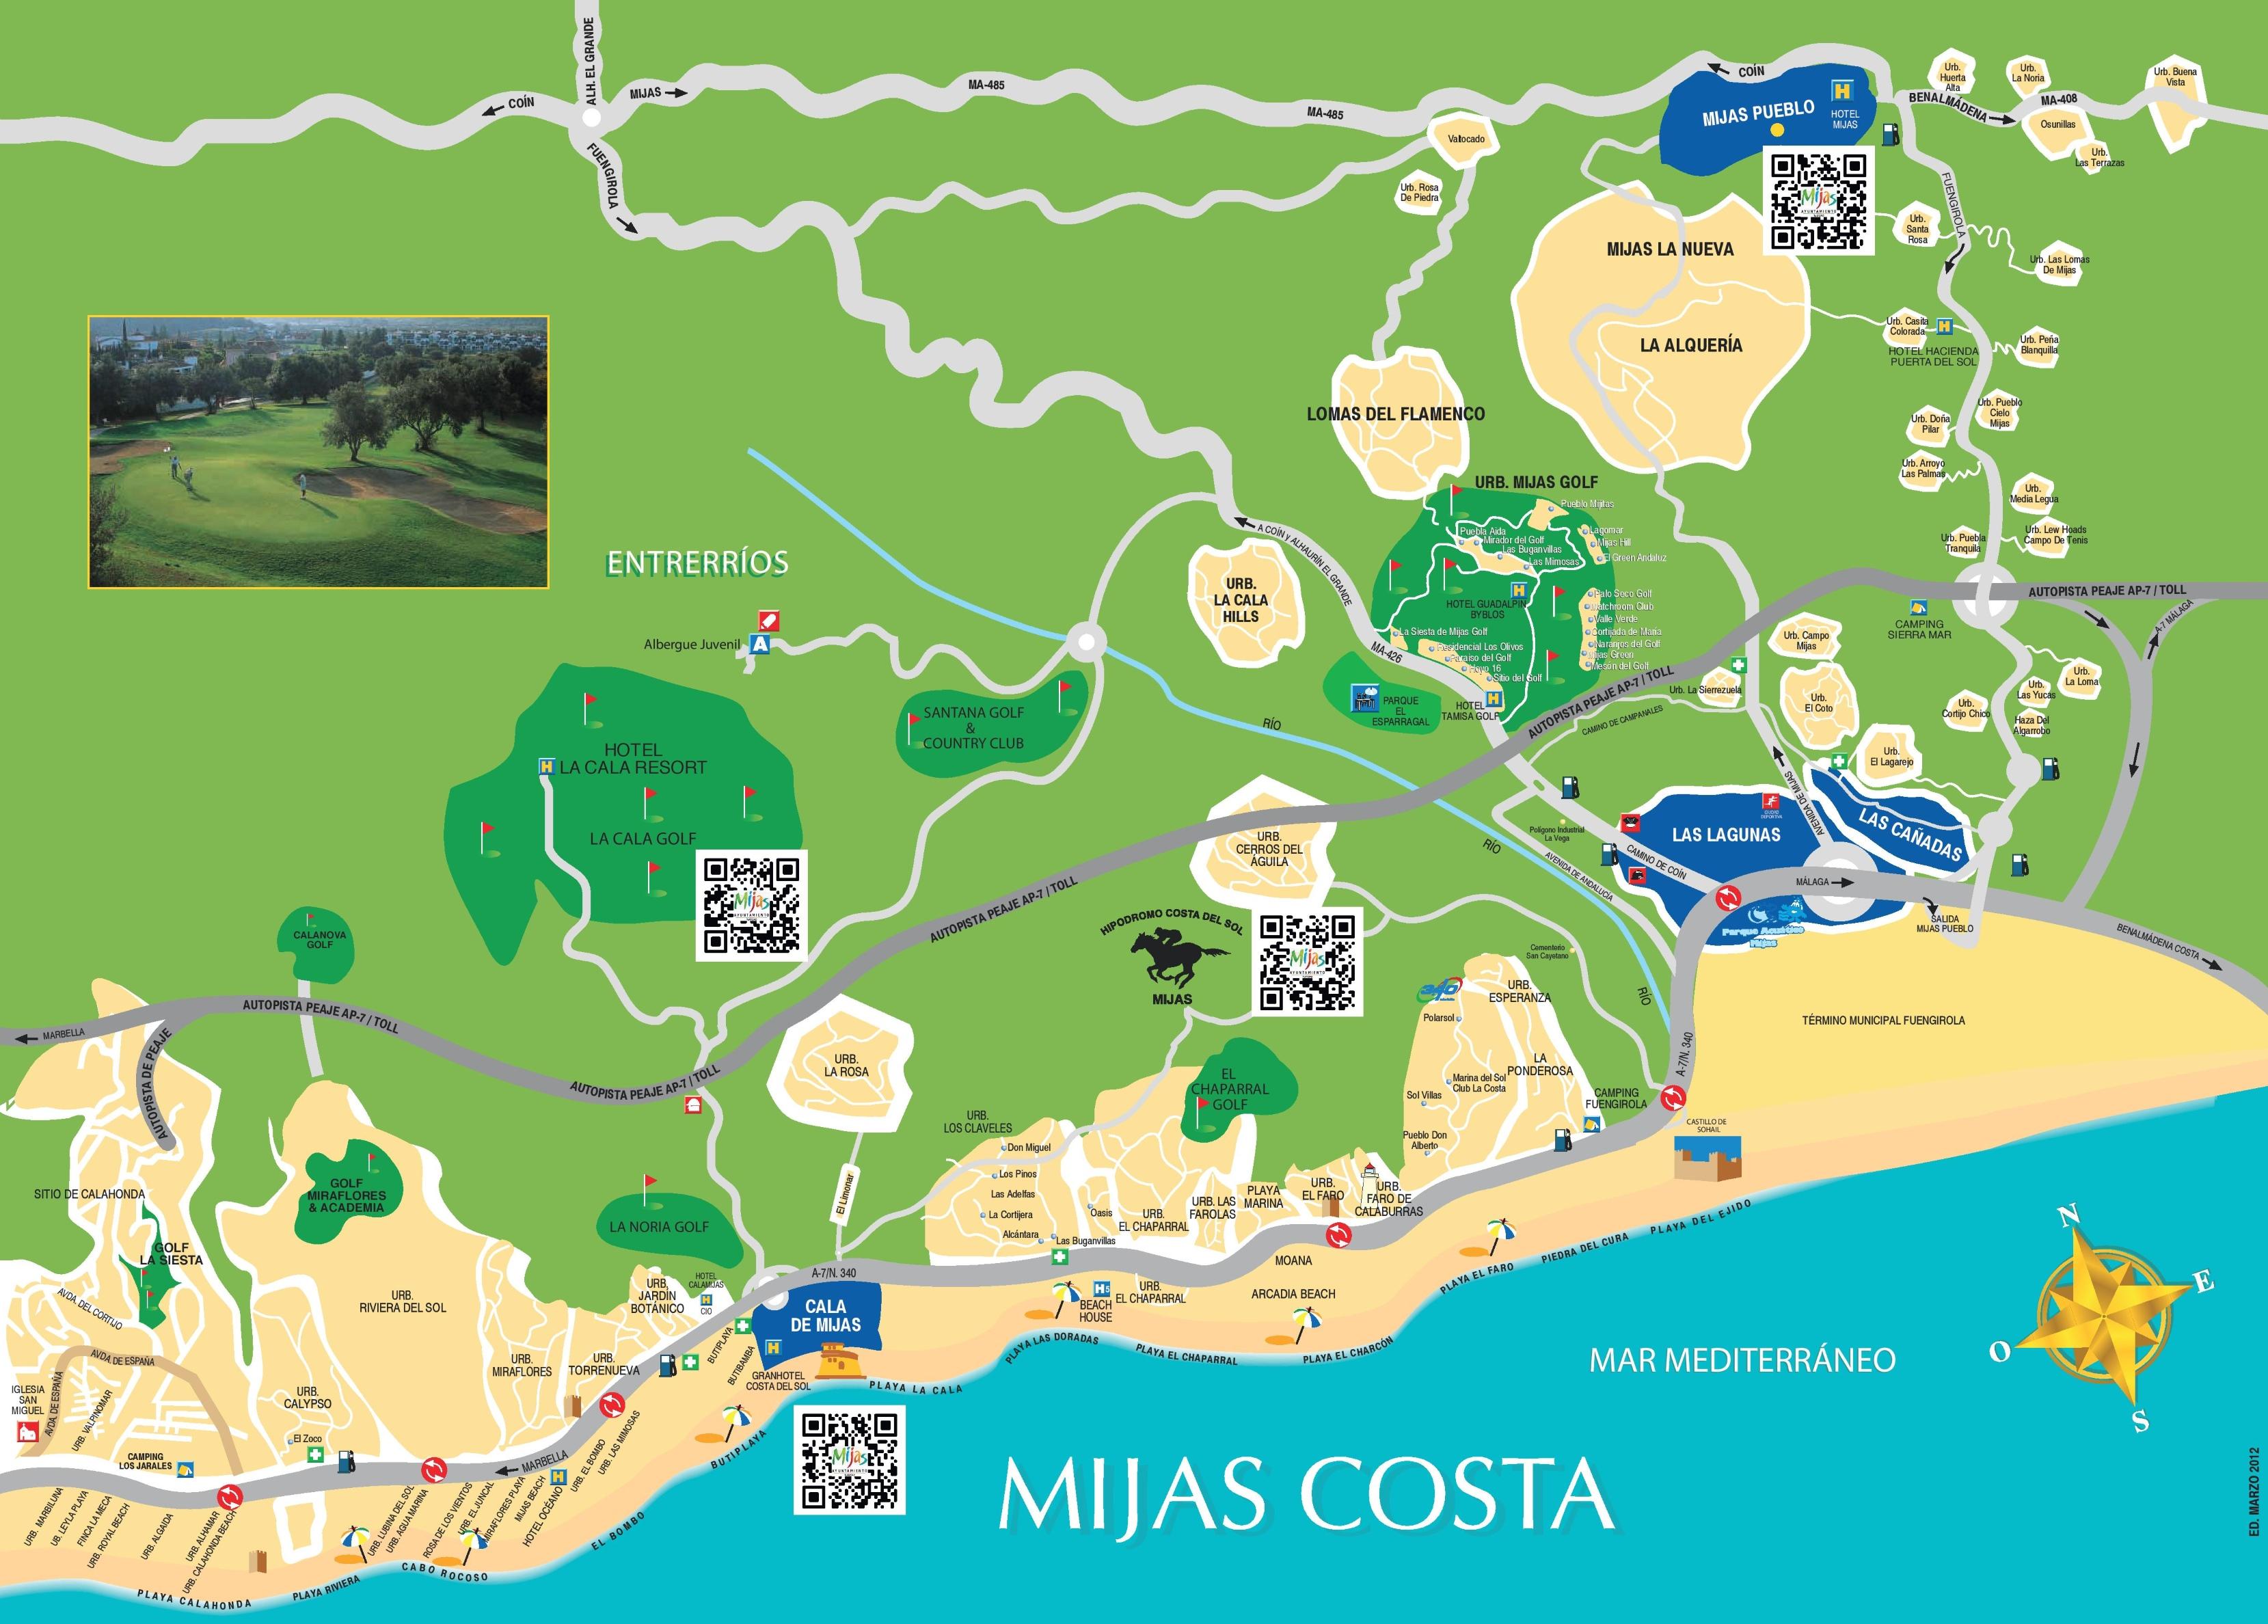 Mijas Costa Map Mijas Costa map